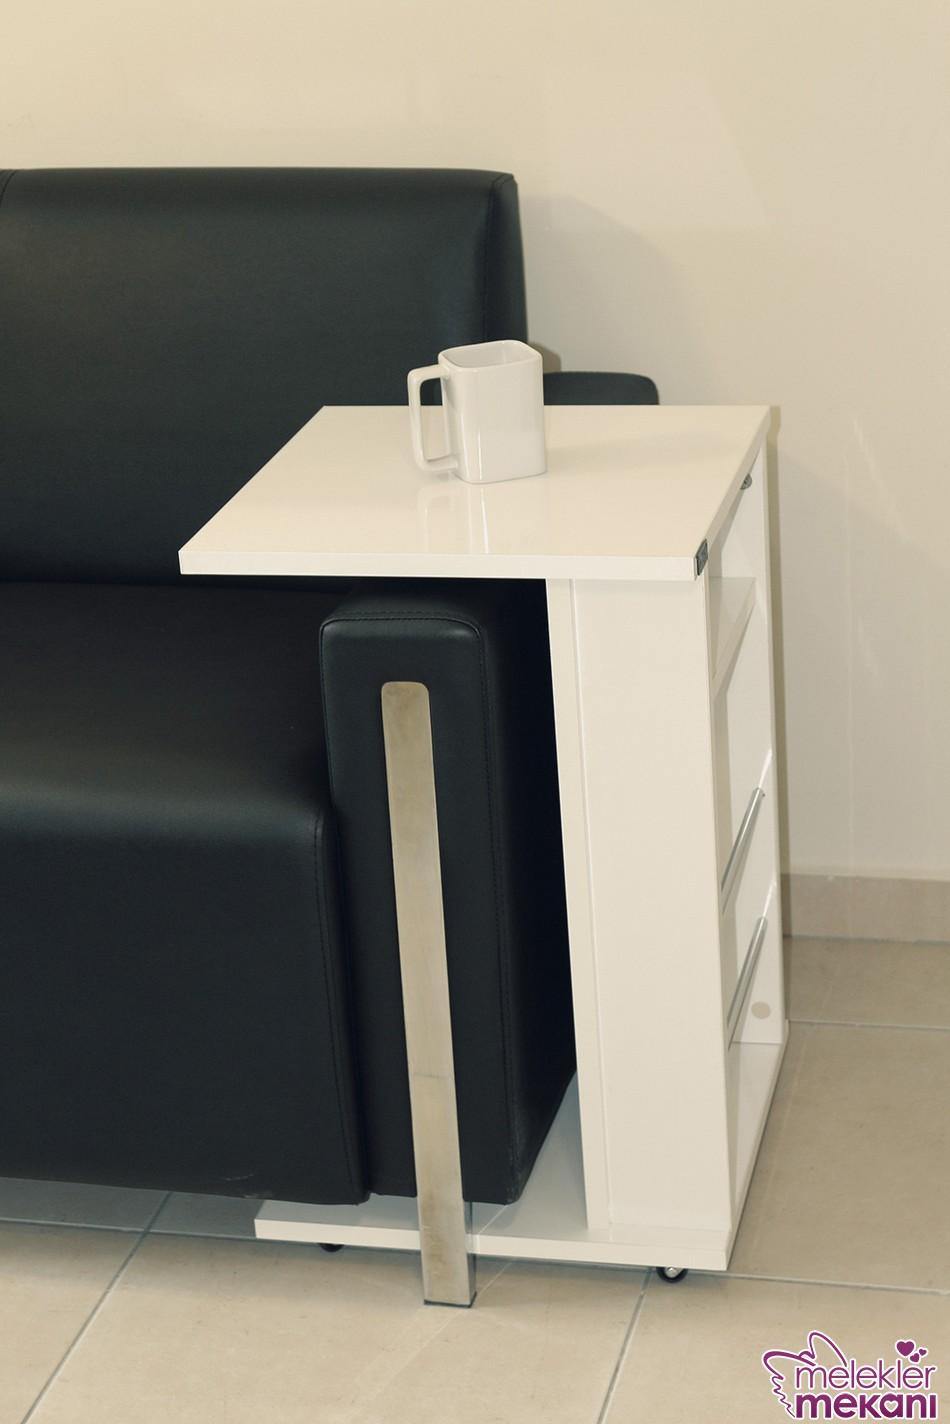 Yeni sezon sehpa tasarımlarında yan sehpa model tercihleri ile oda dekorasyonlarınızda rahatlık elde edebilirsiniz.